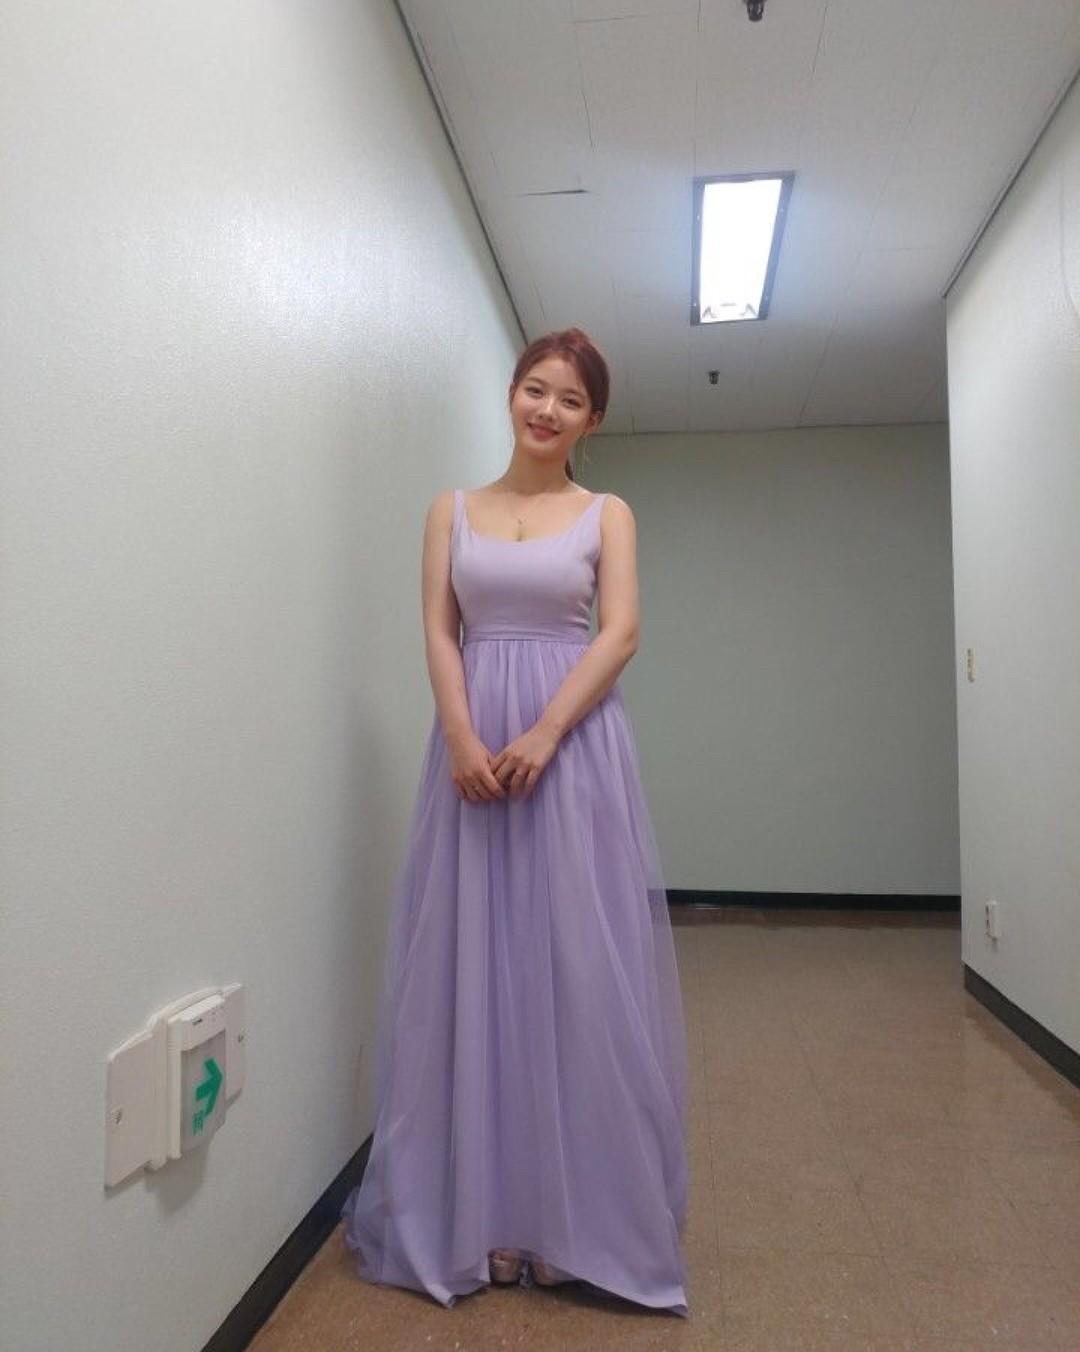 Không chỉ thành mỹ nhân, diễn viên nhí Mặt trăng ôm mặt trời một thời Kim Yoo Jung giờ còn khoe ngực gợi cảm - Ảnh 4.